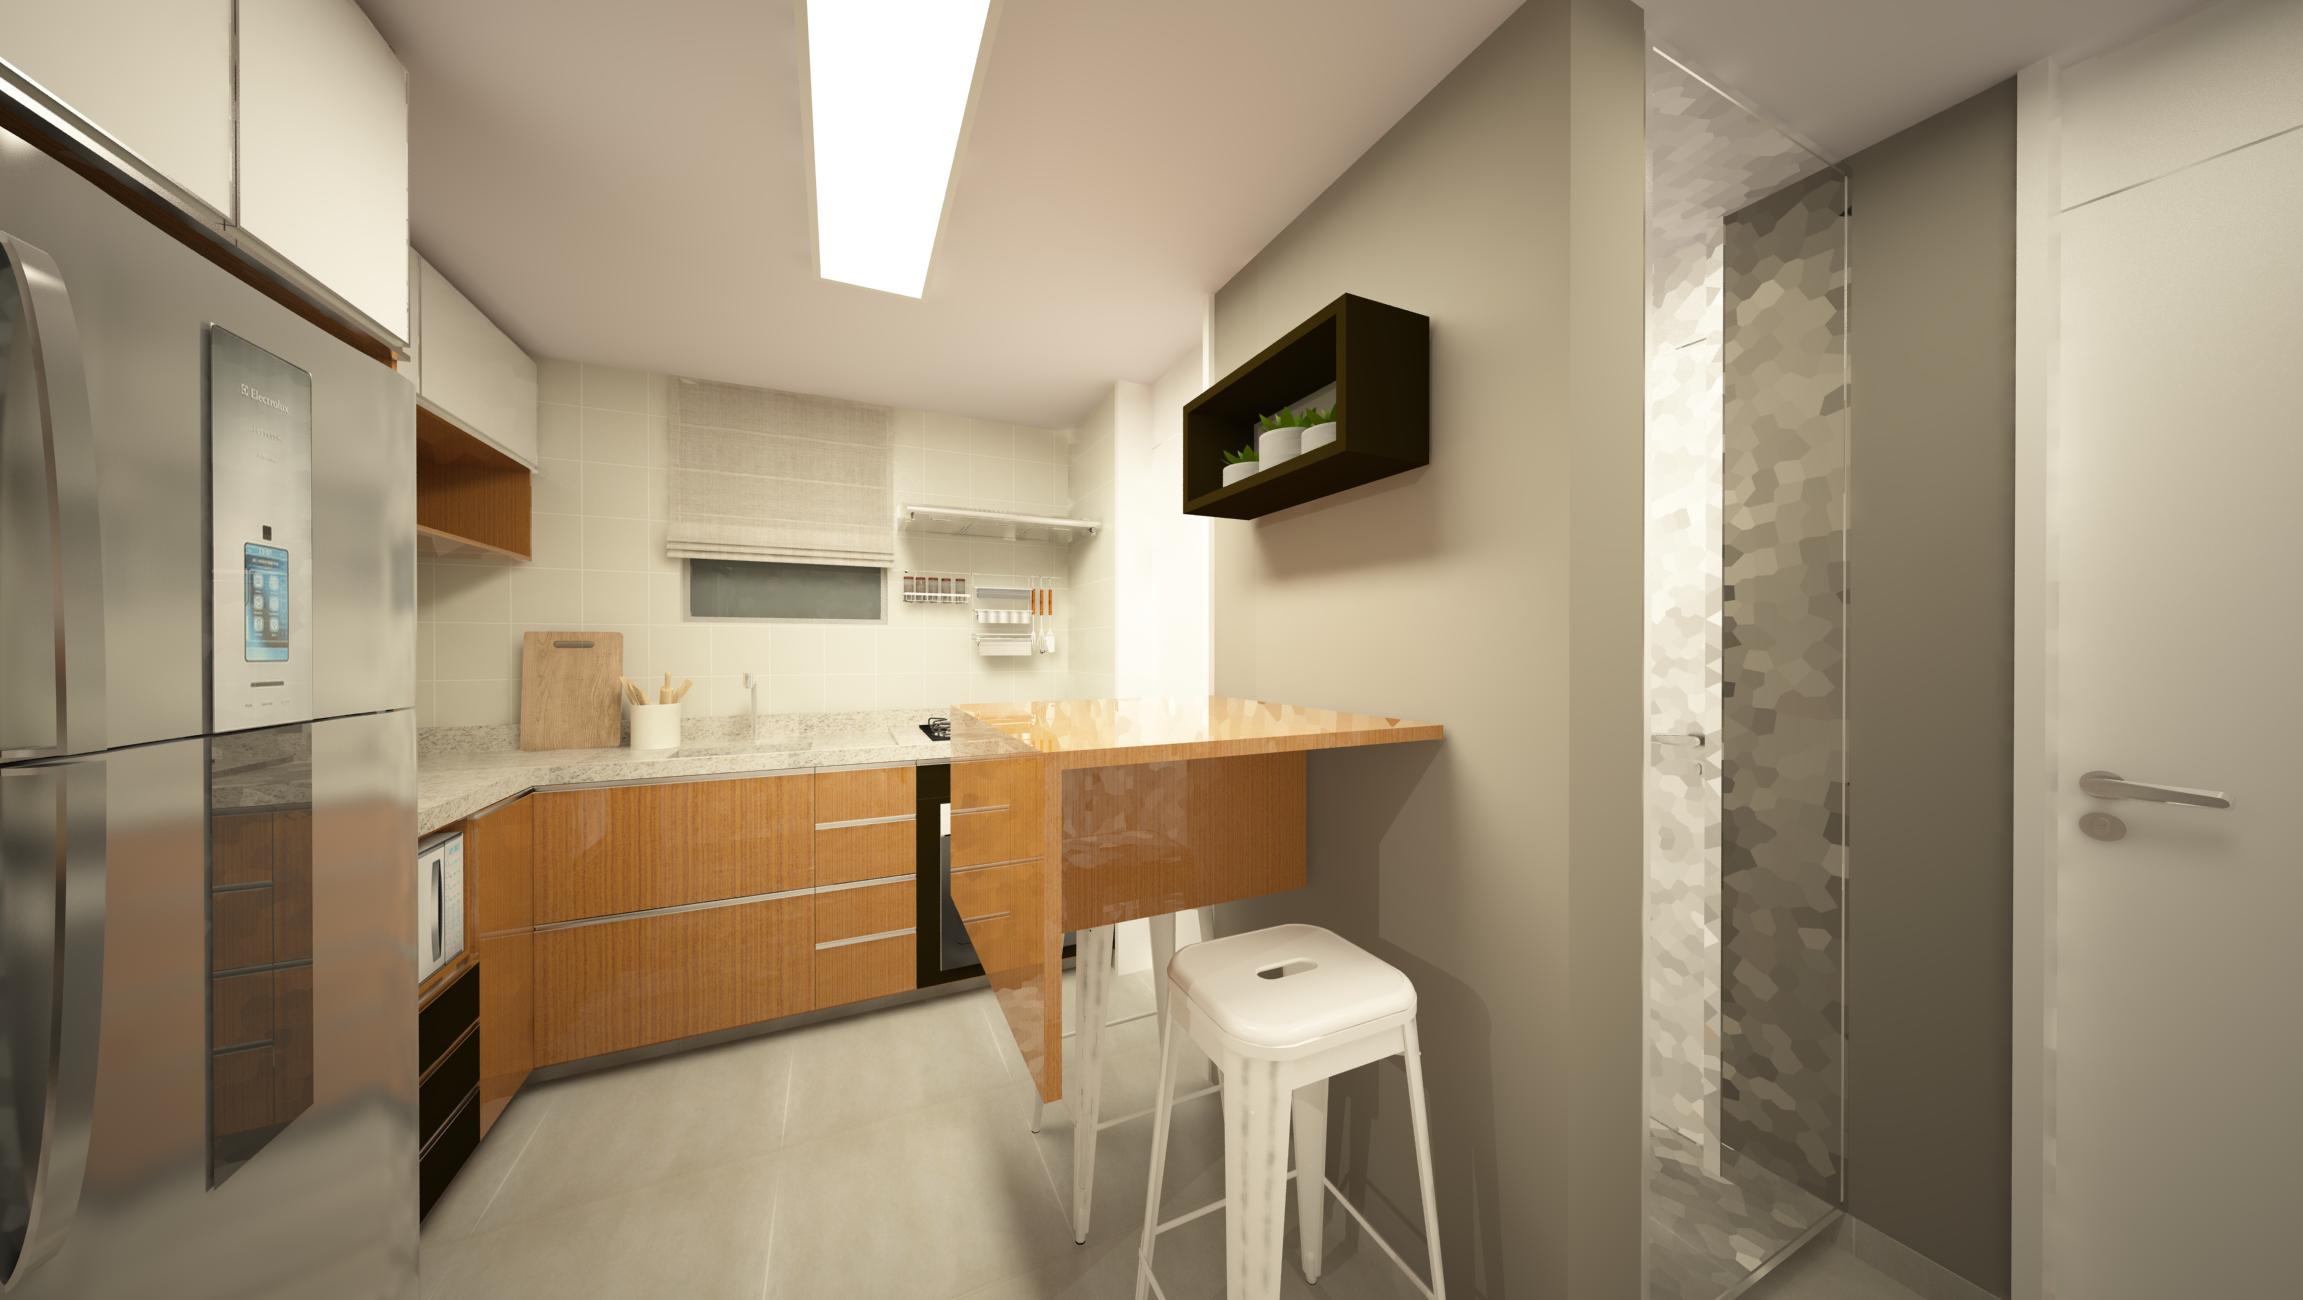 cozinha integrada e contemporanea